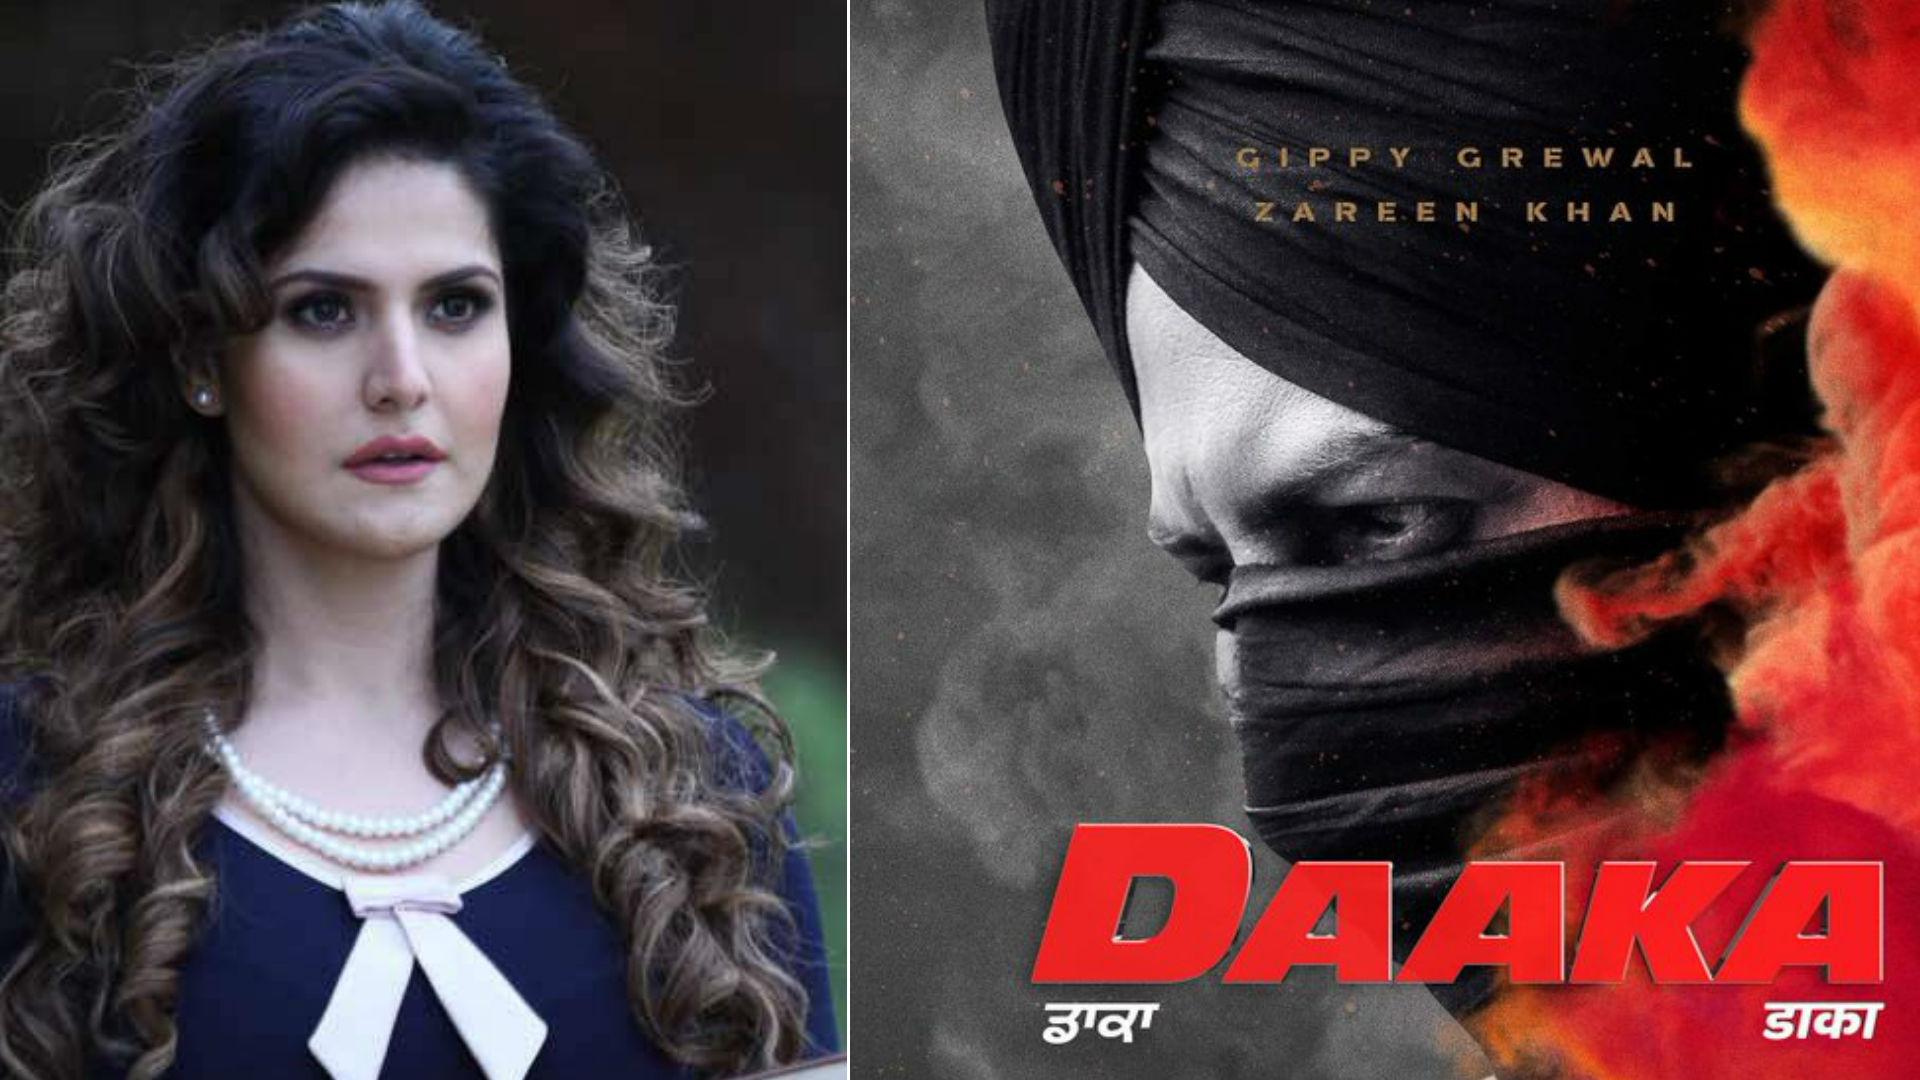 Daaka Movie: गिप्पी ग्रेवाल-जरीन खान की पंजाबी फिल्म की रिलीज डेट का खुलासा, इस दिन देगी सिनेमाघरों में दस्तक